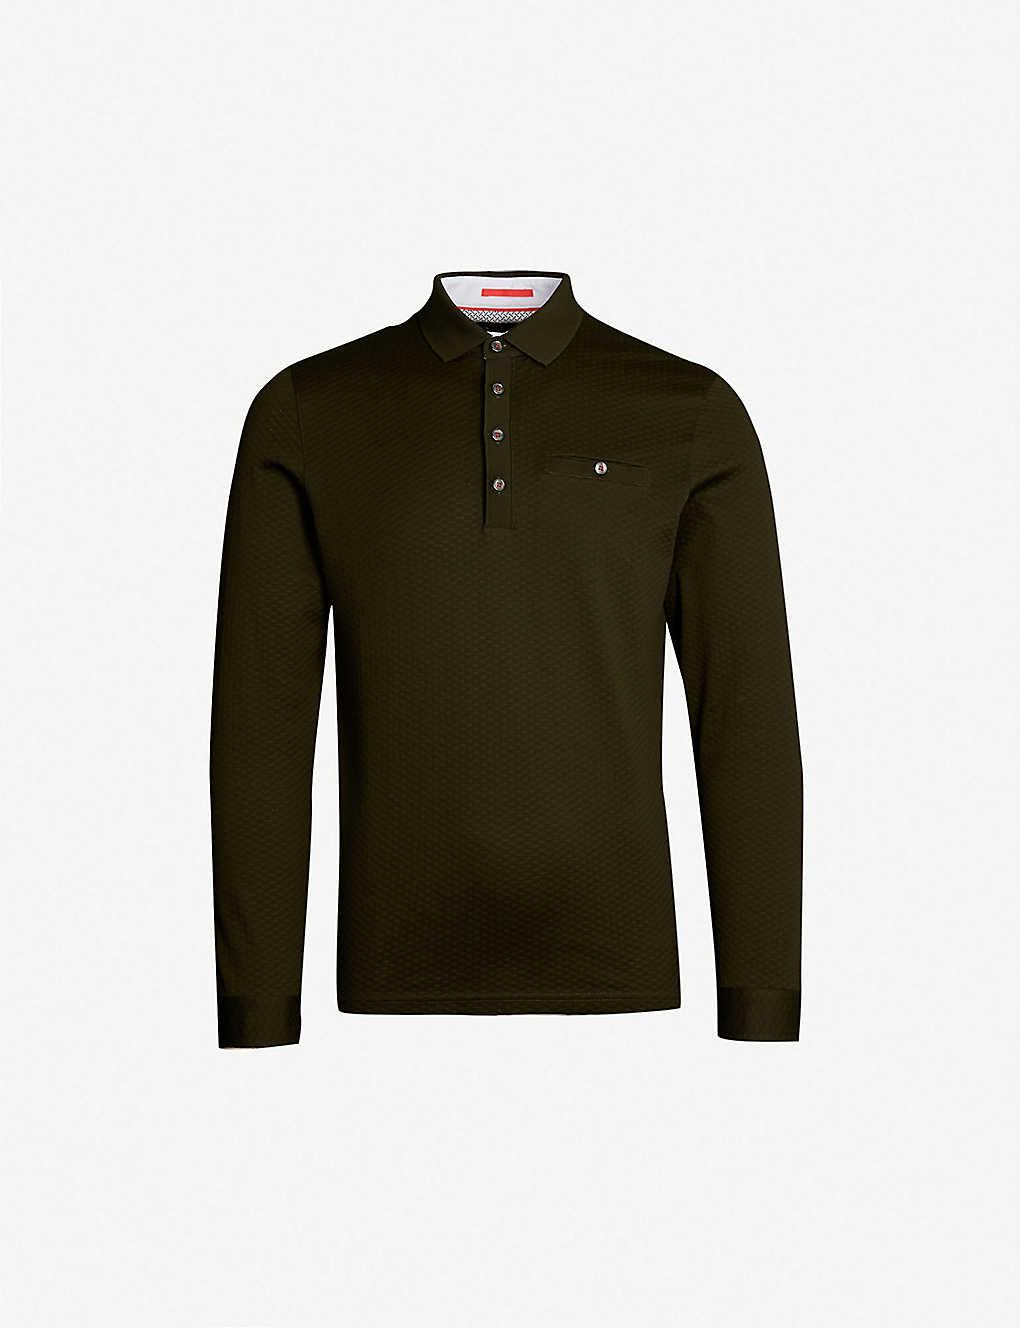 4282db6c5 TED BAKER - Fruitpa textured cotton-jersey polo shirt   Selfridges.com